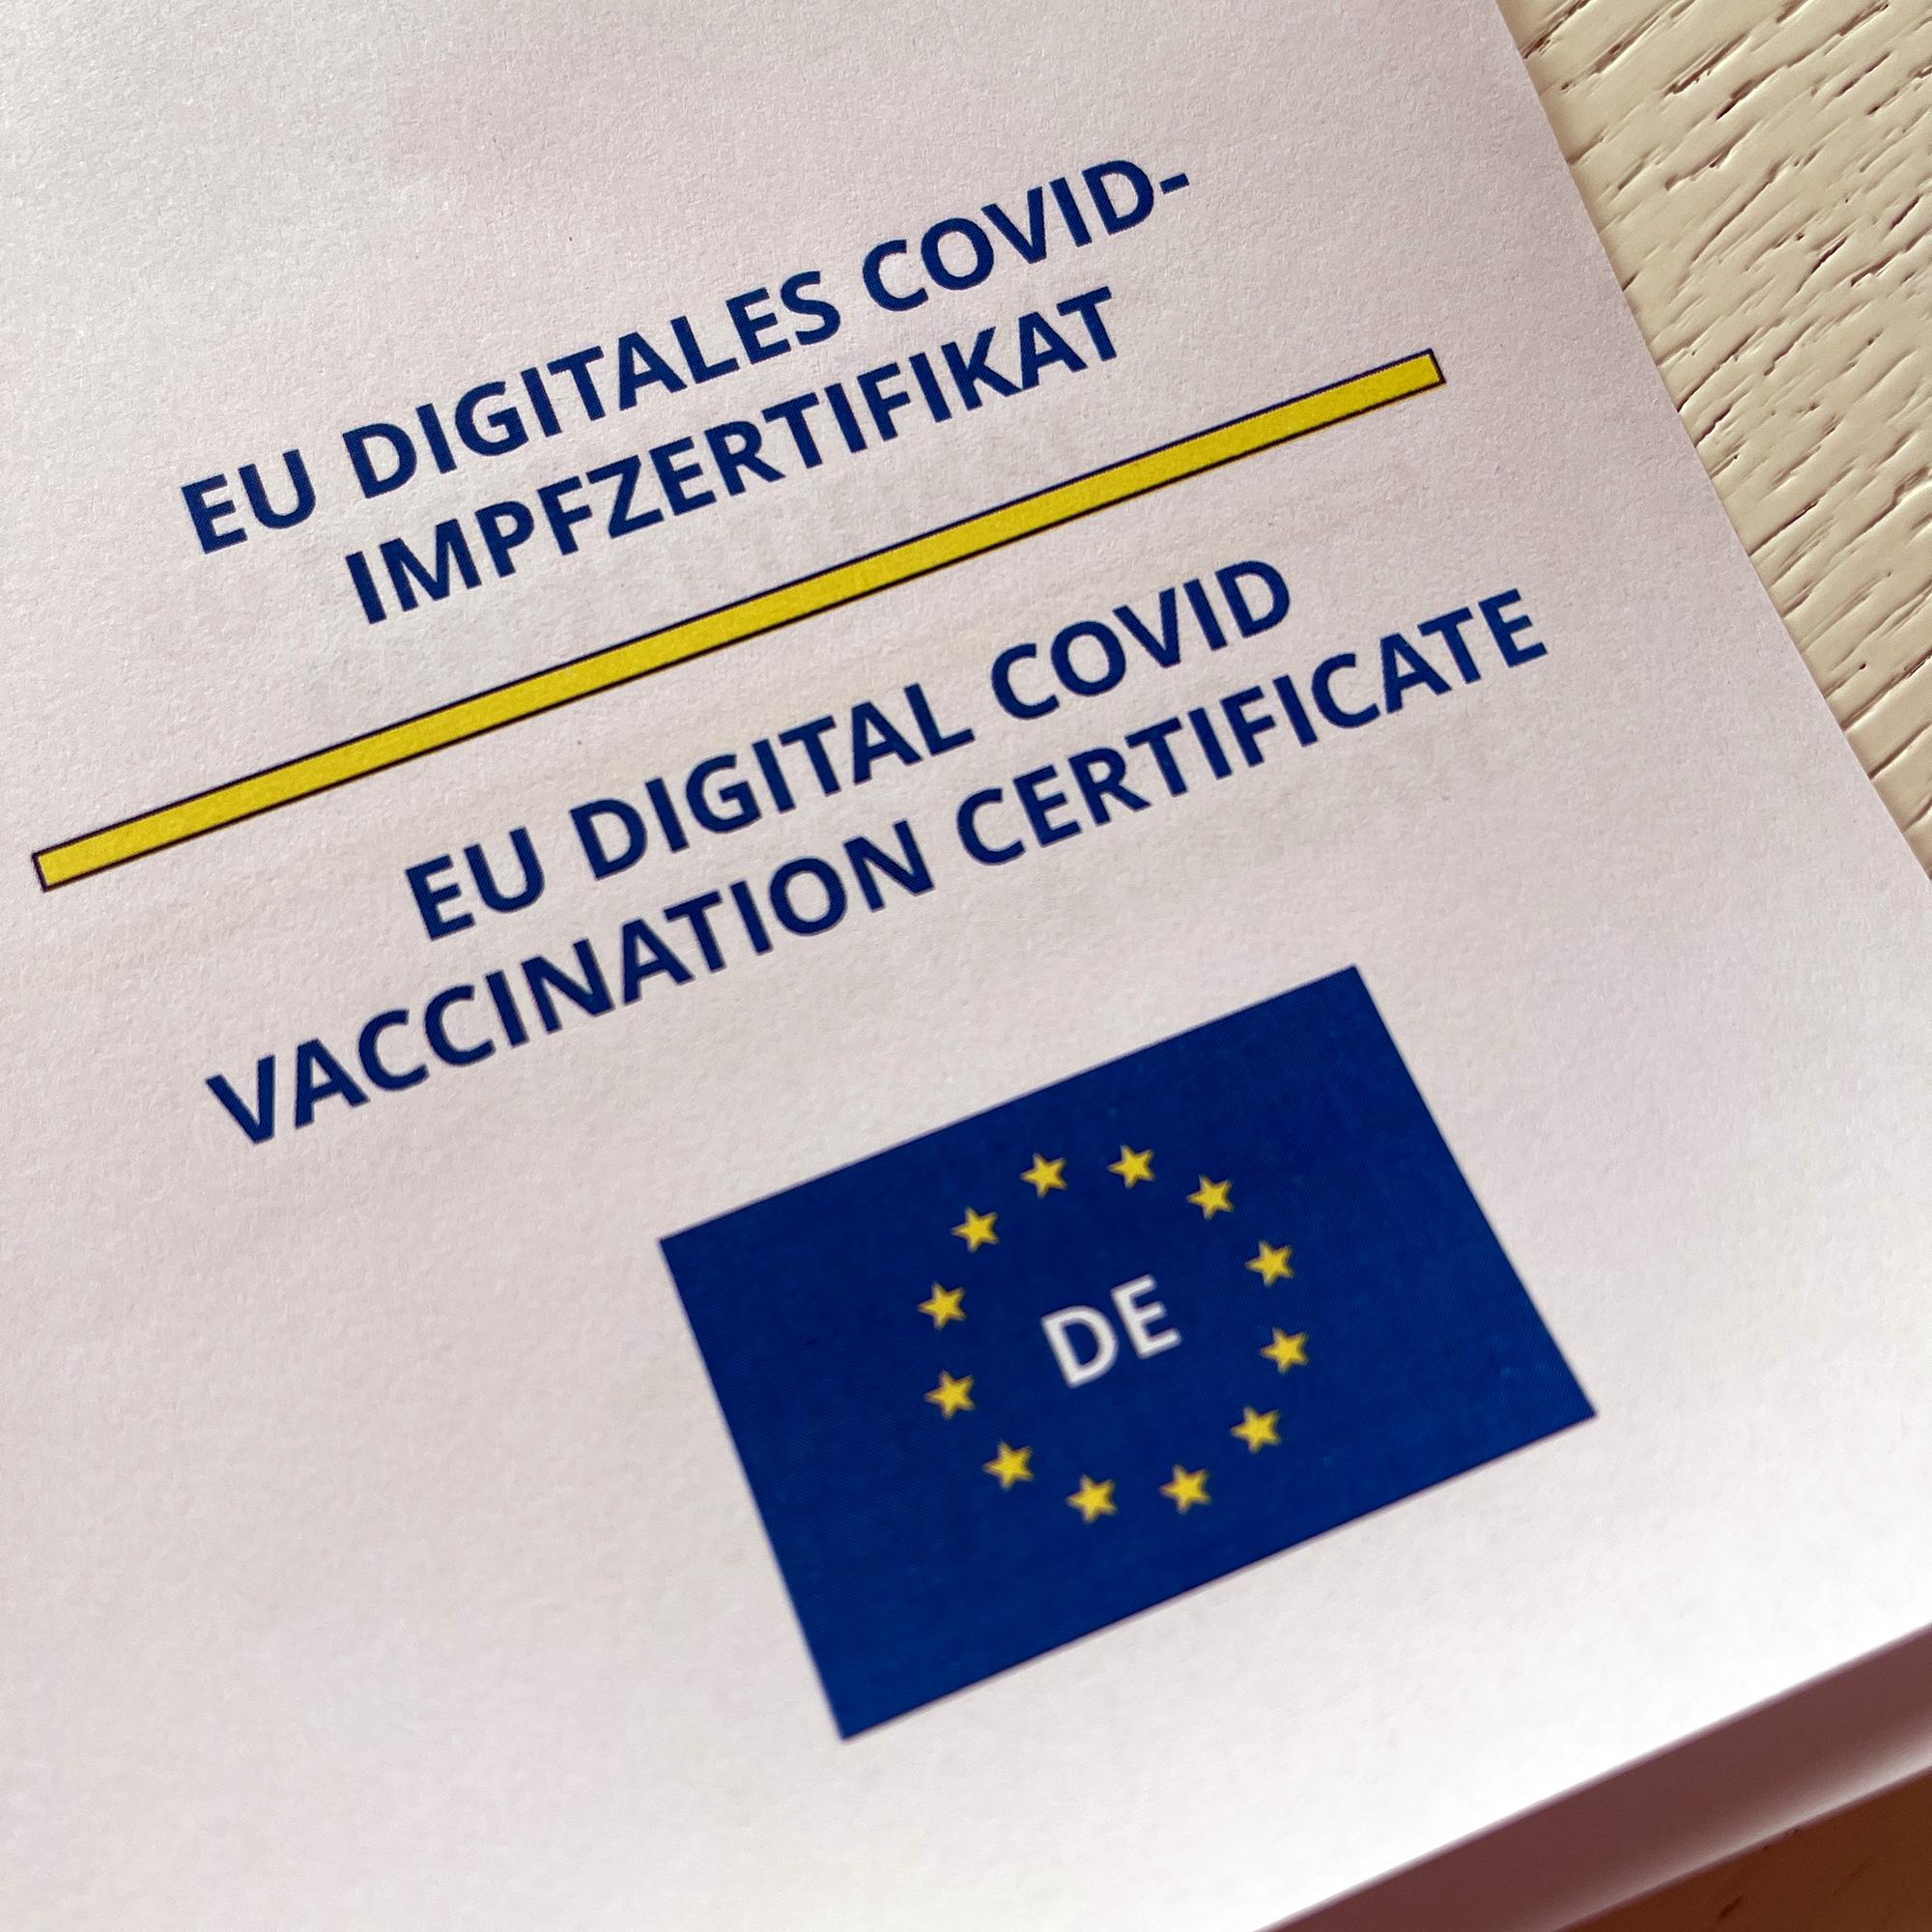 Ausschnitt des Ausdrucks der digitalen Impfzertifikats.